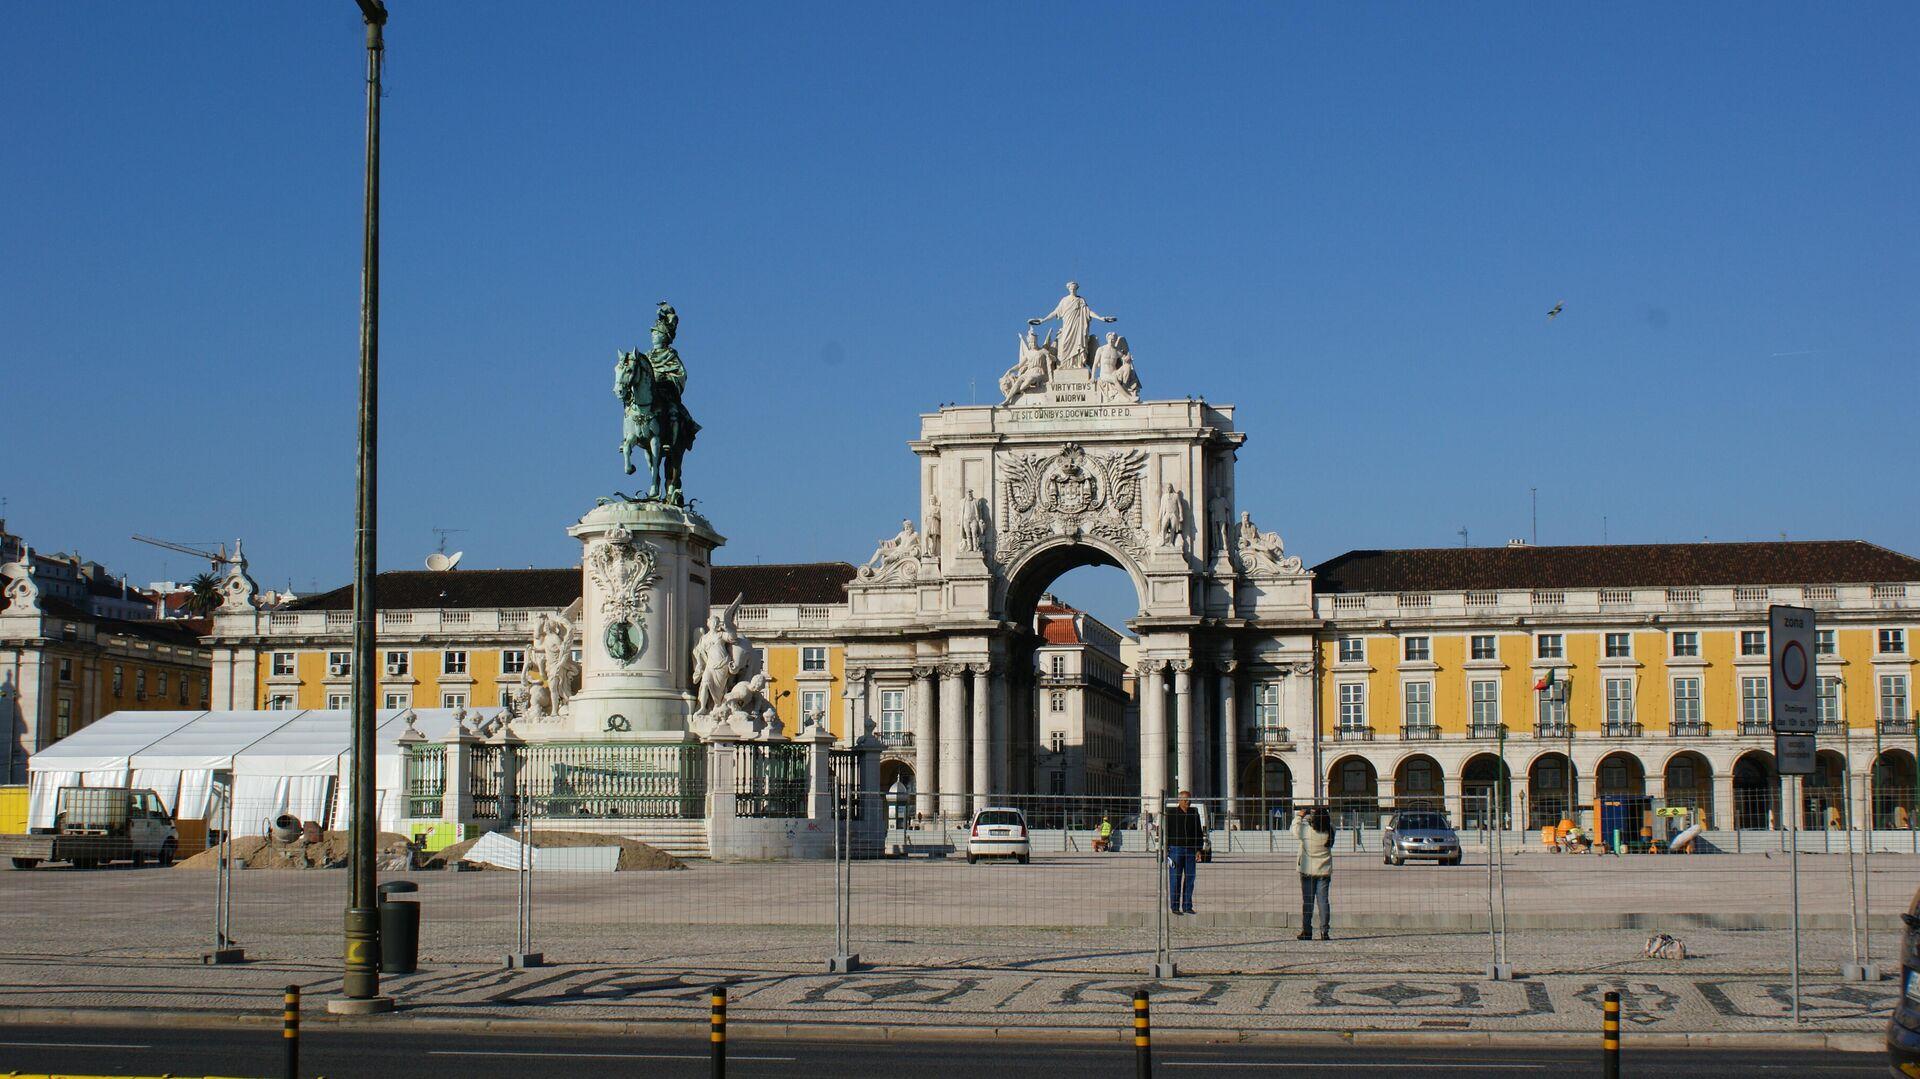 Praça do Comércio (Platz des Handels) in der portugiesischen Hauptstadt Lissabon (Archivbild) - SNA, 1920, 13.09.2021